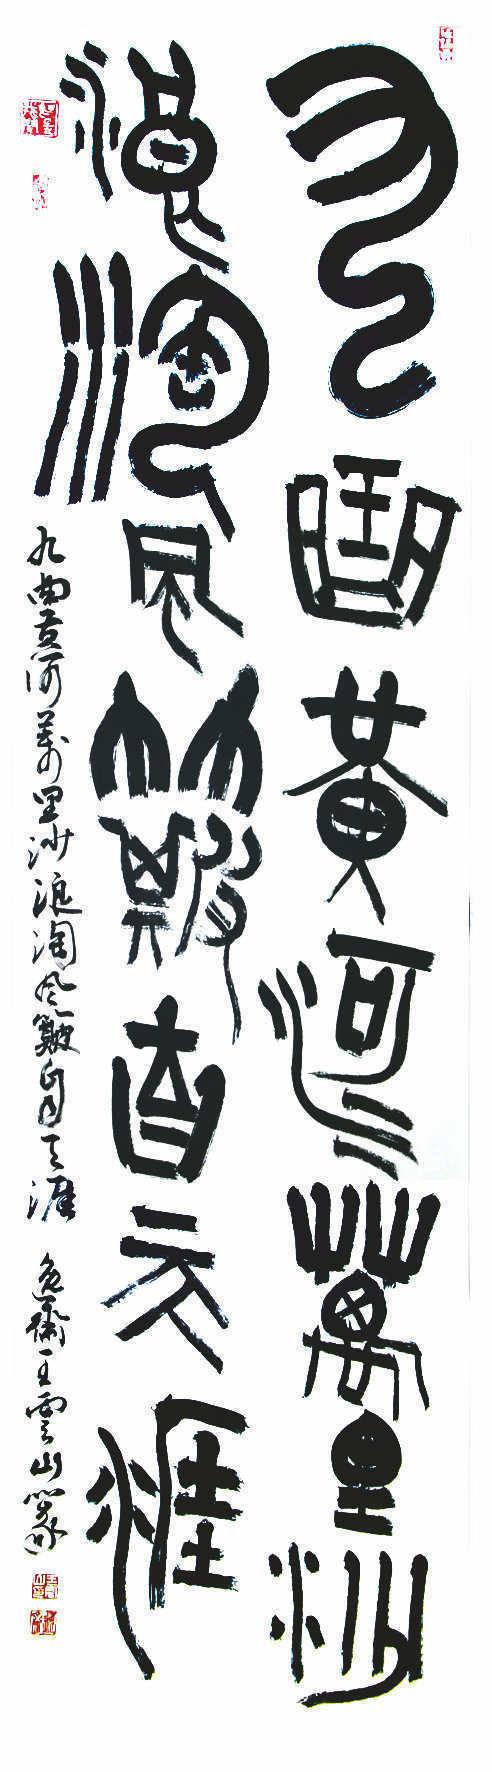 陈振亮参观庆祝新中国成立七十周年建市三十周年暨沿黄九省区第四届黄河颂书画展